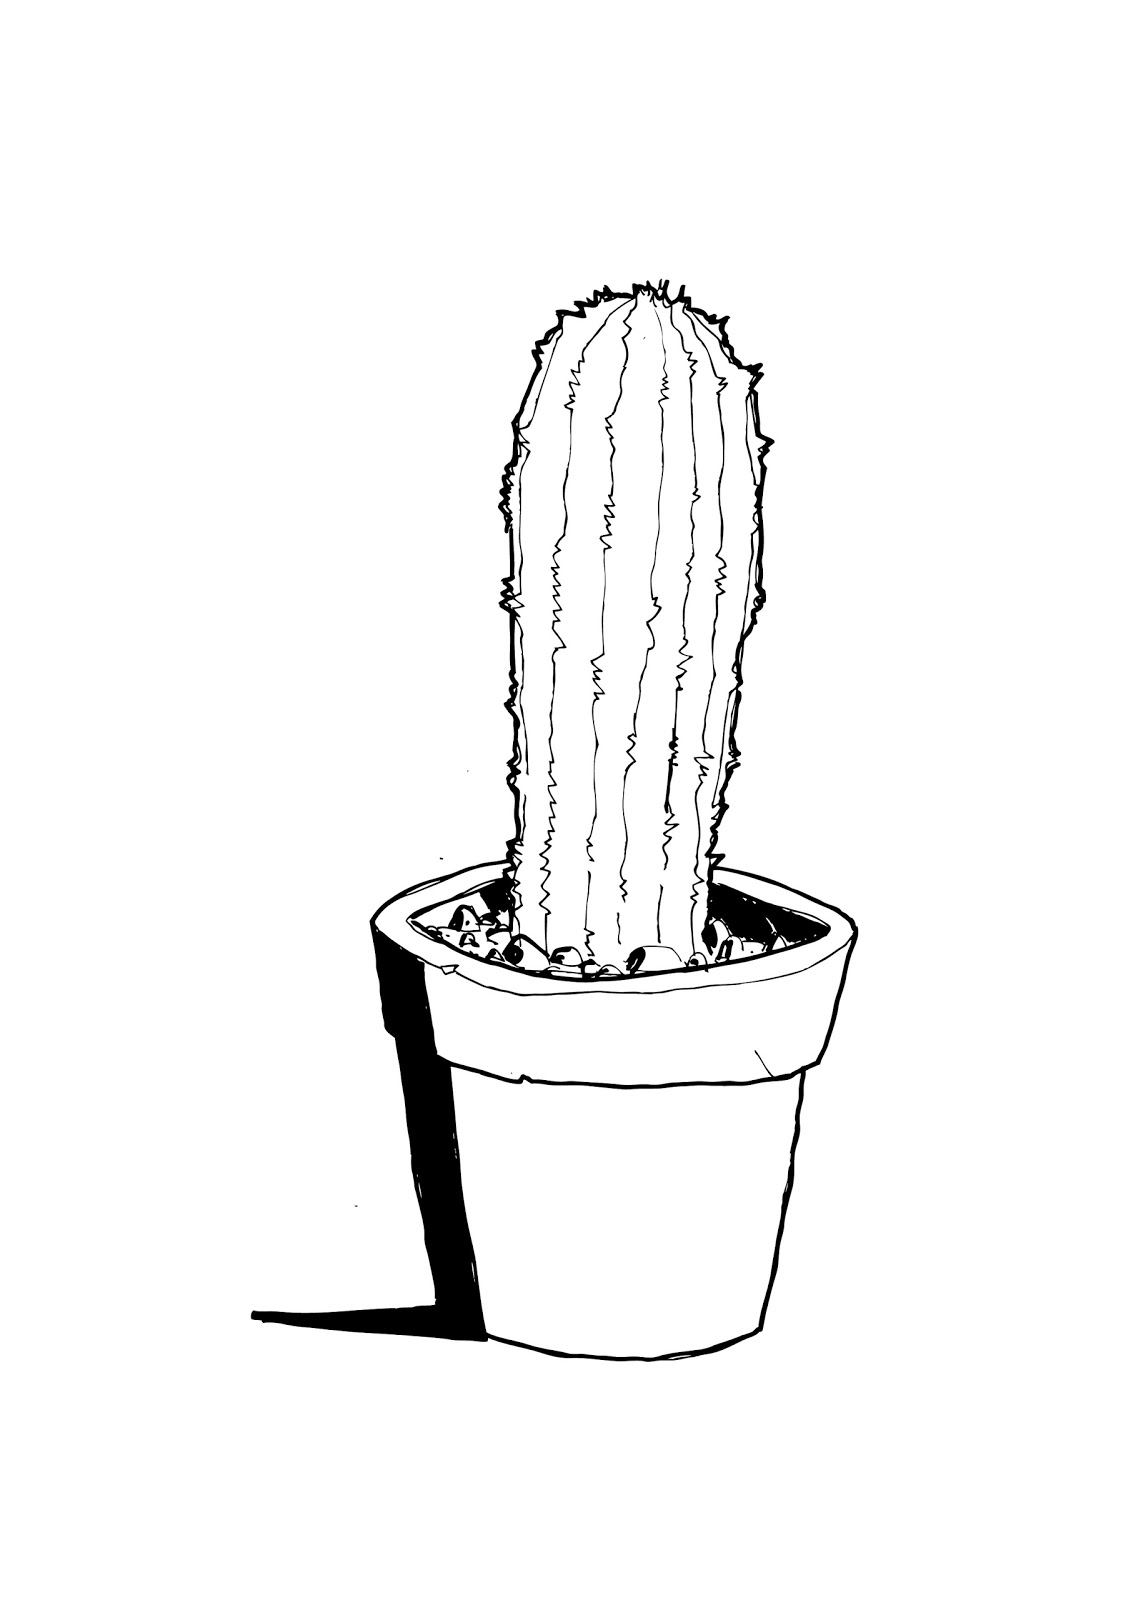 Line Drawing Cactus : Cactus tumblr drawings